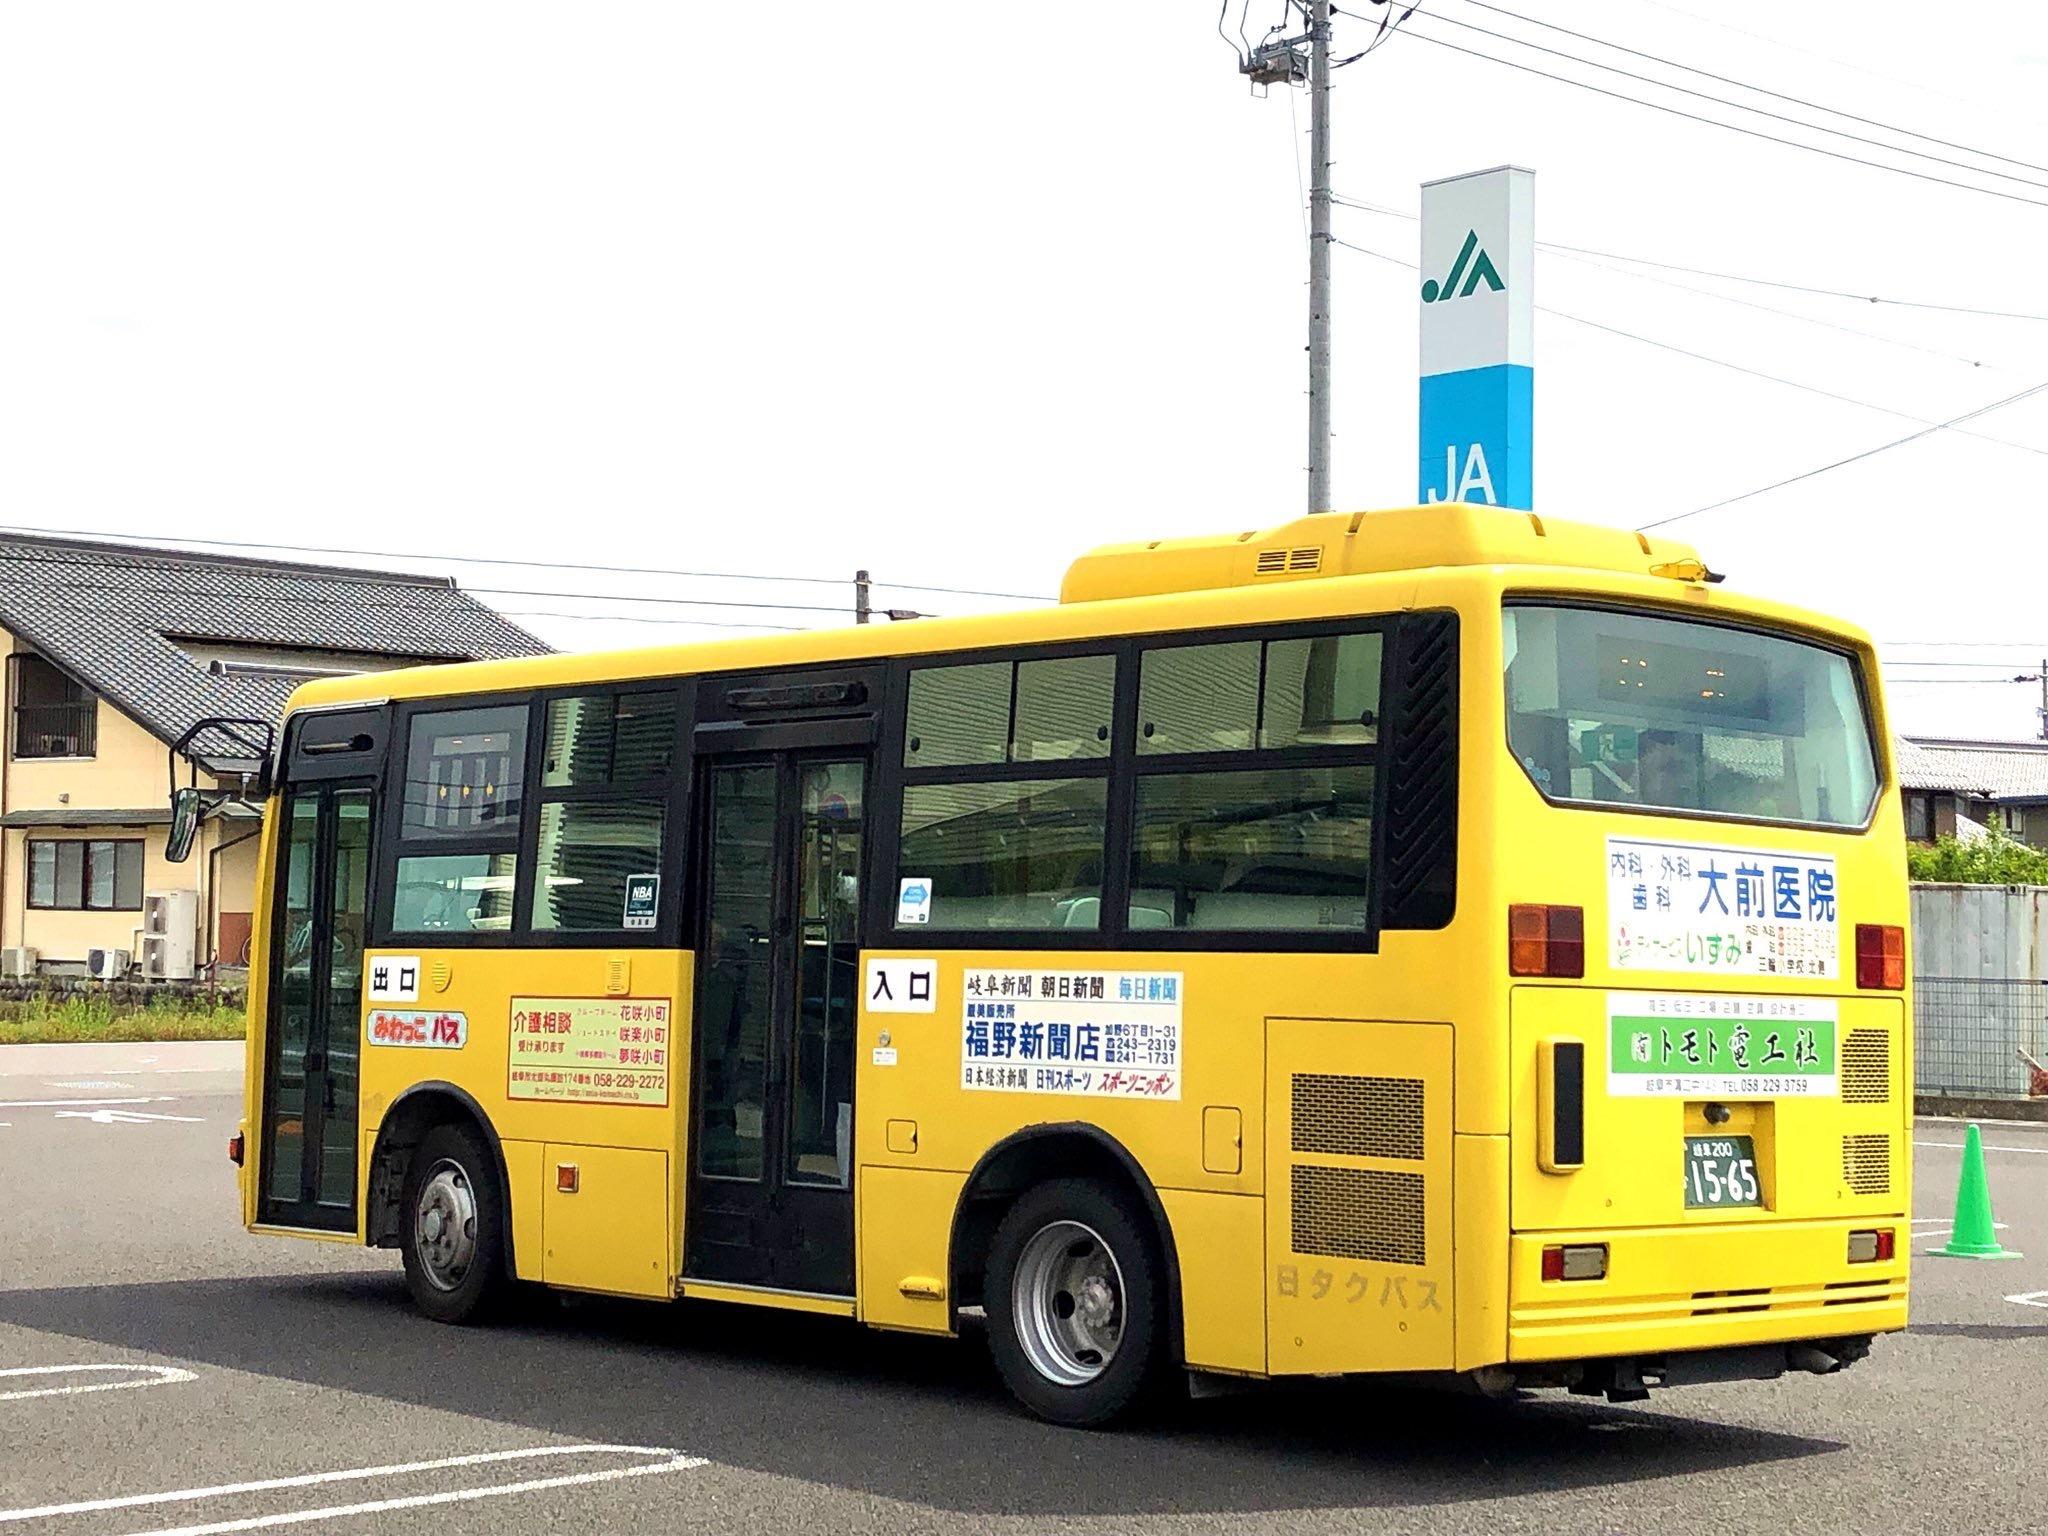 4p みわっこバス15万人乗車!